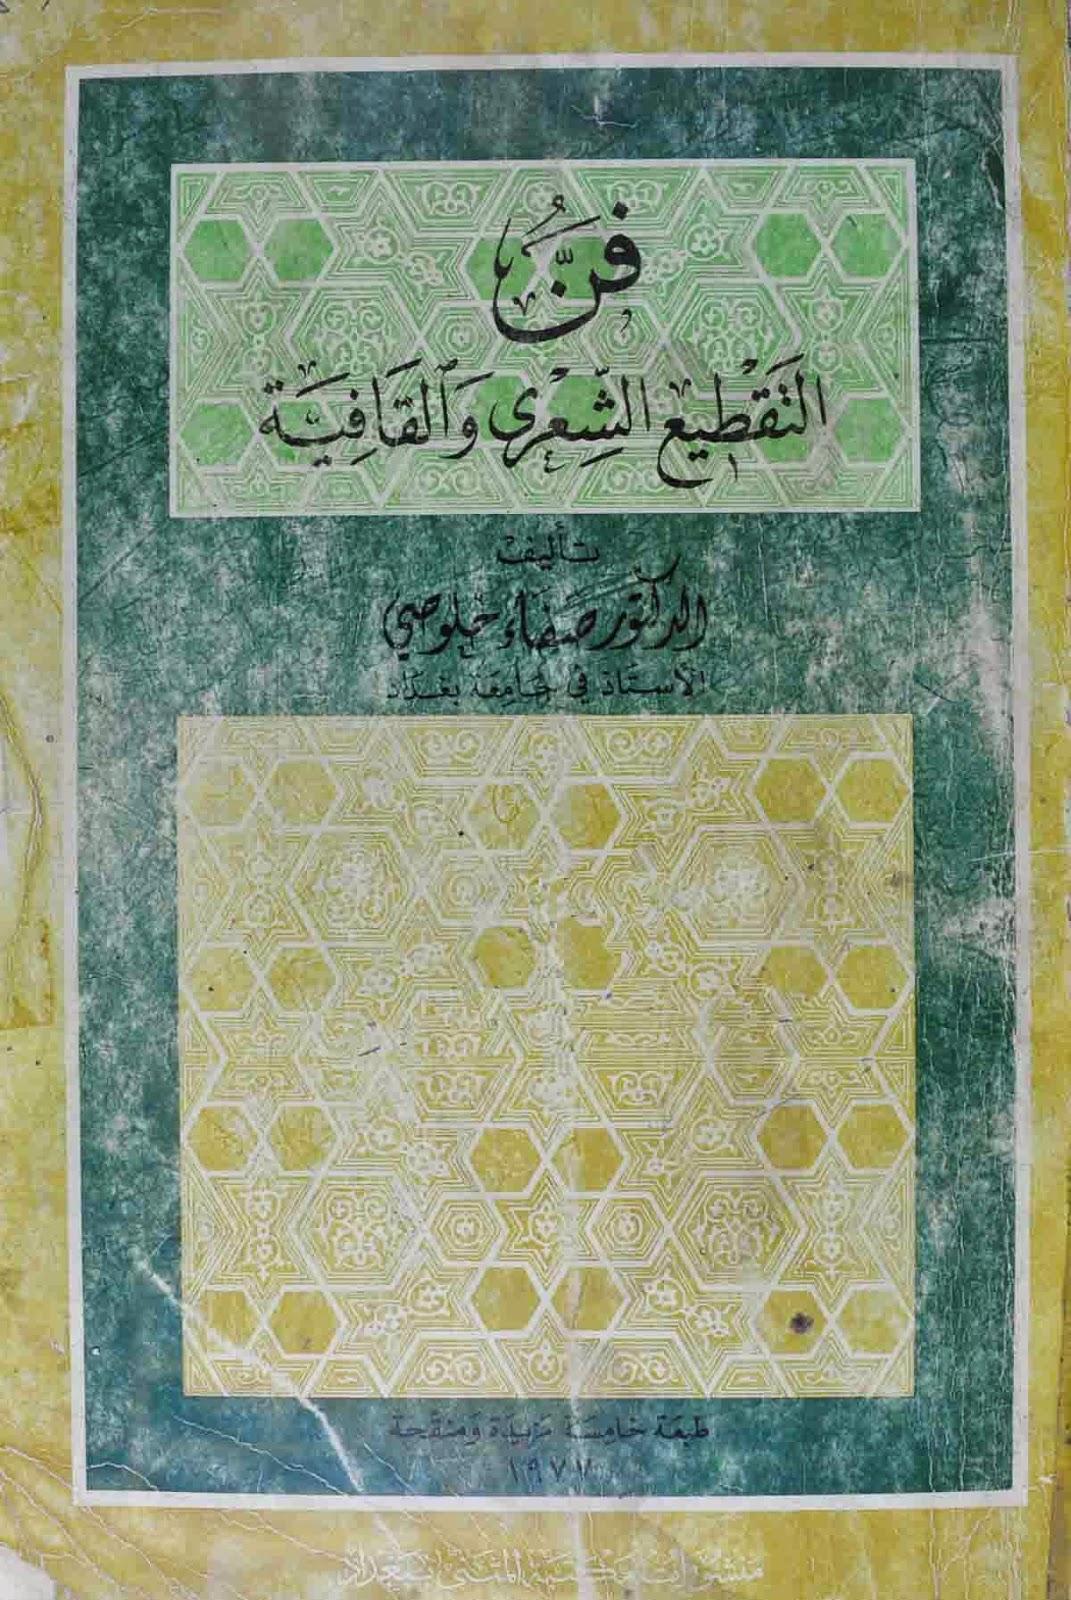 فن التقطيع الشعري والقافية - صفاء خلوصي pdf